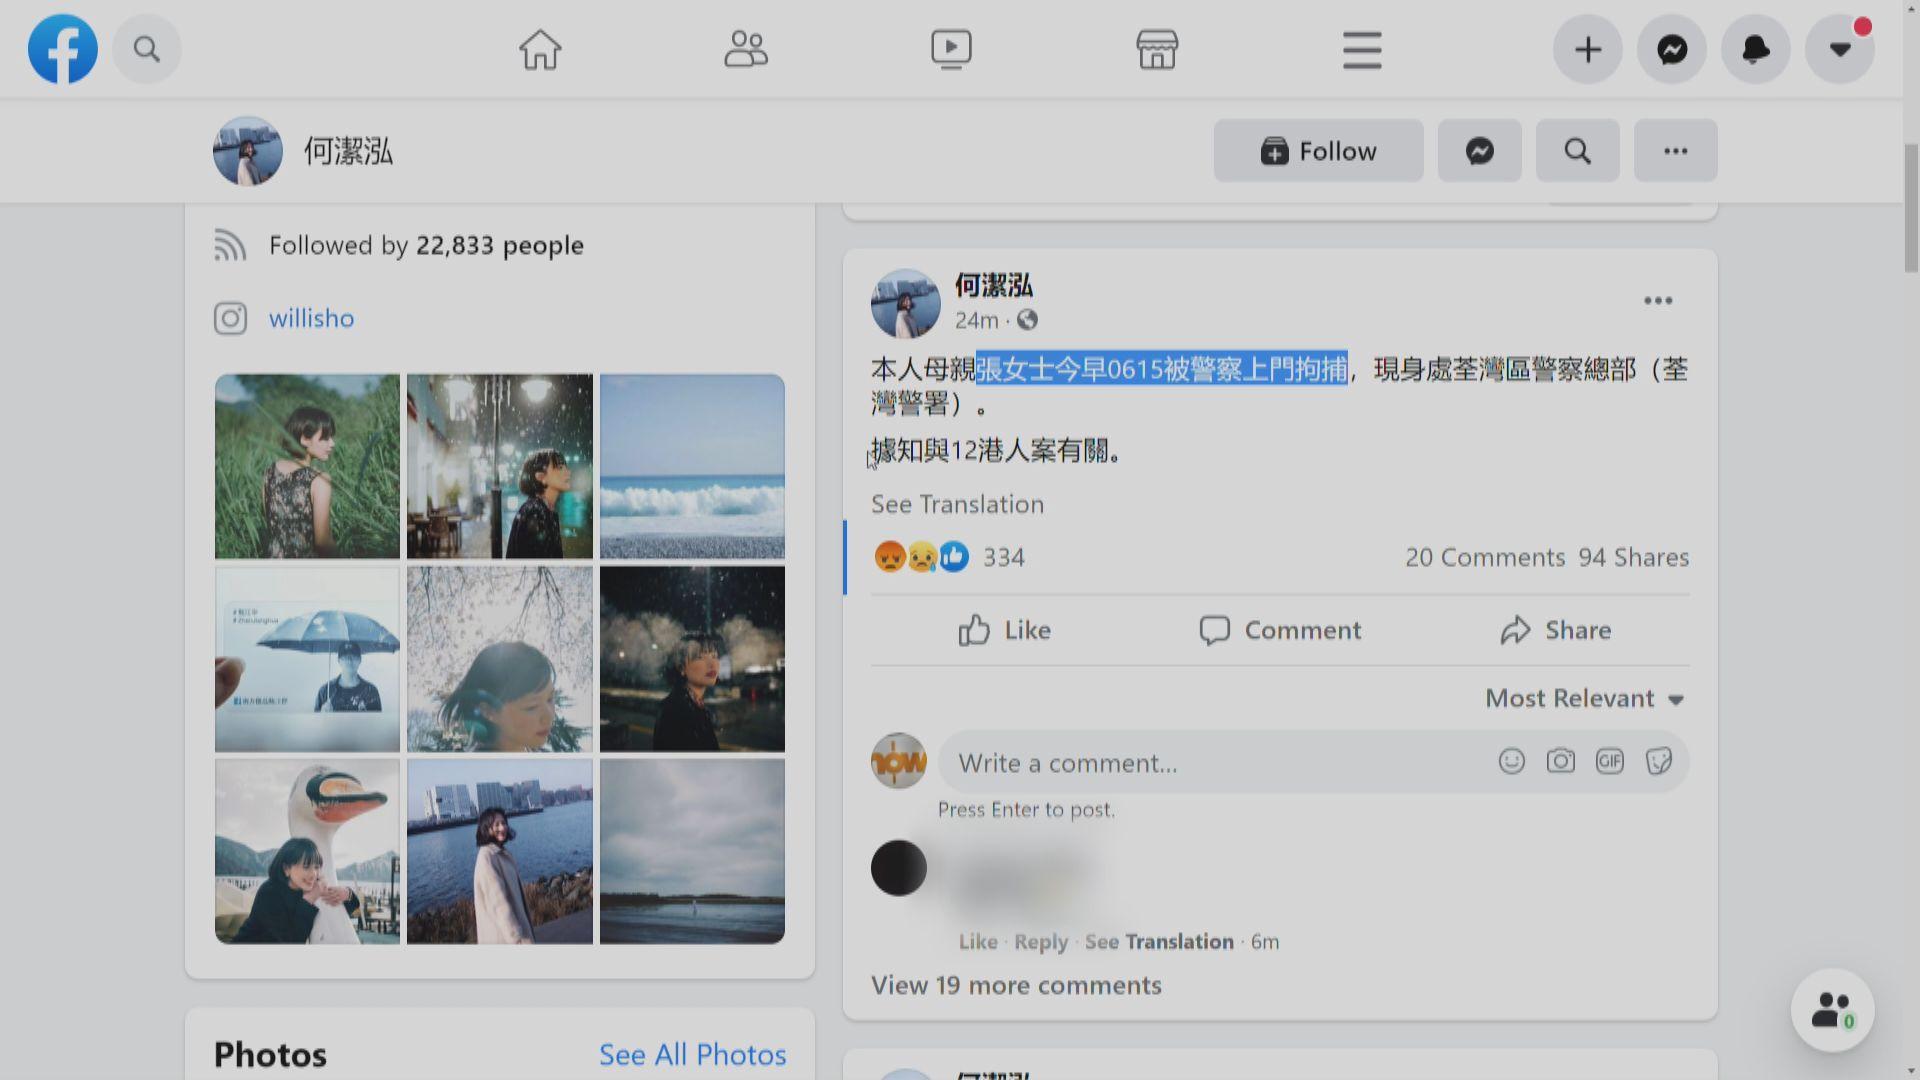 消息:警國安處拘11人包括黃國桐及何潔泓母親 涉助12港人偷渡